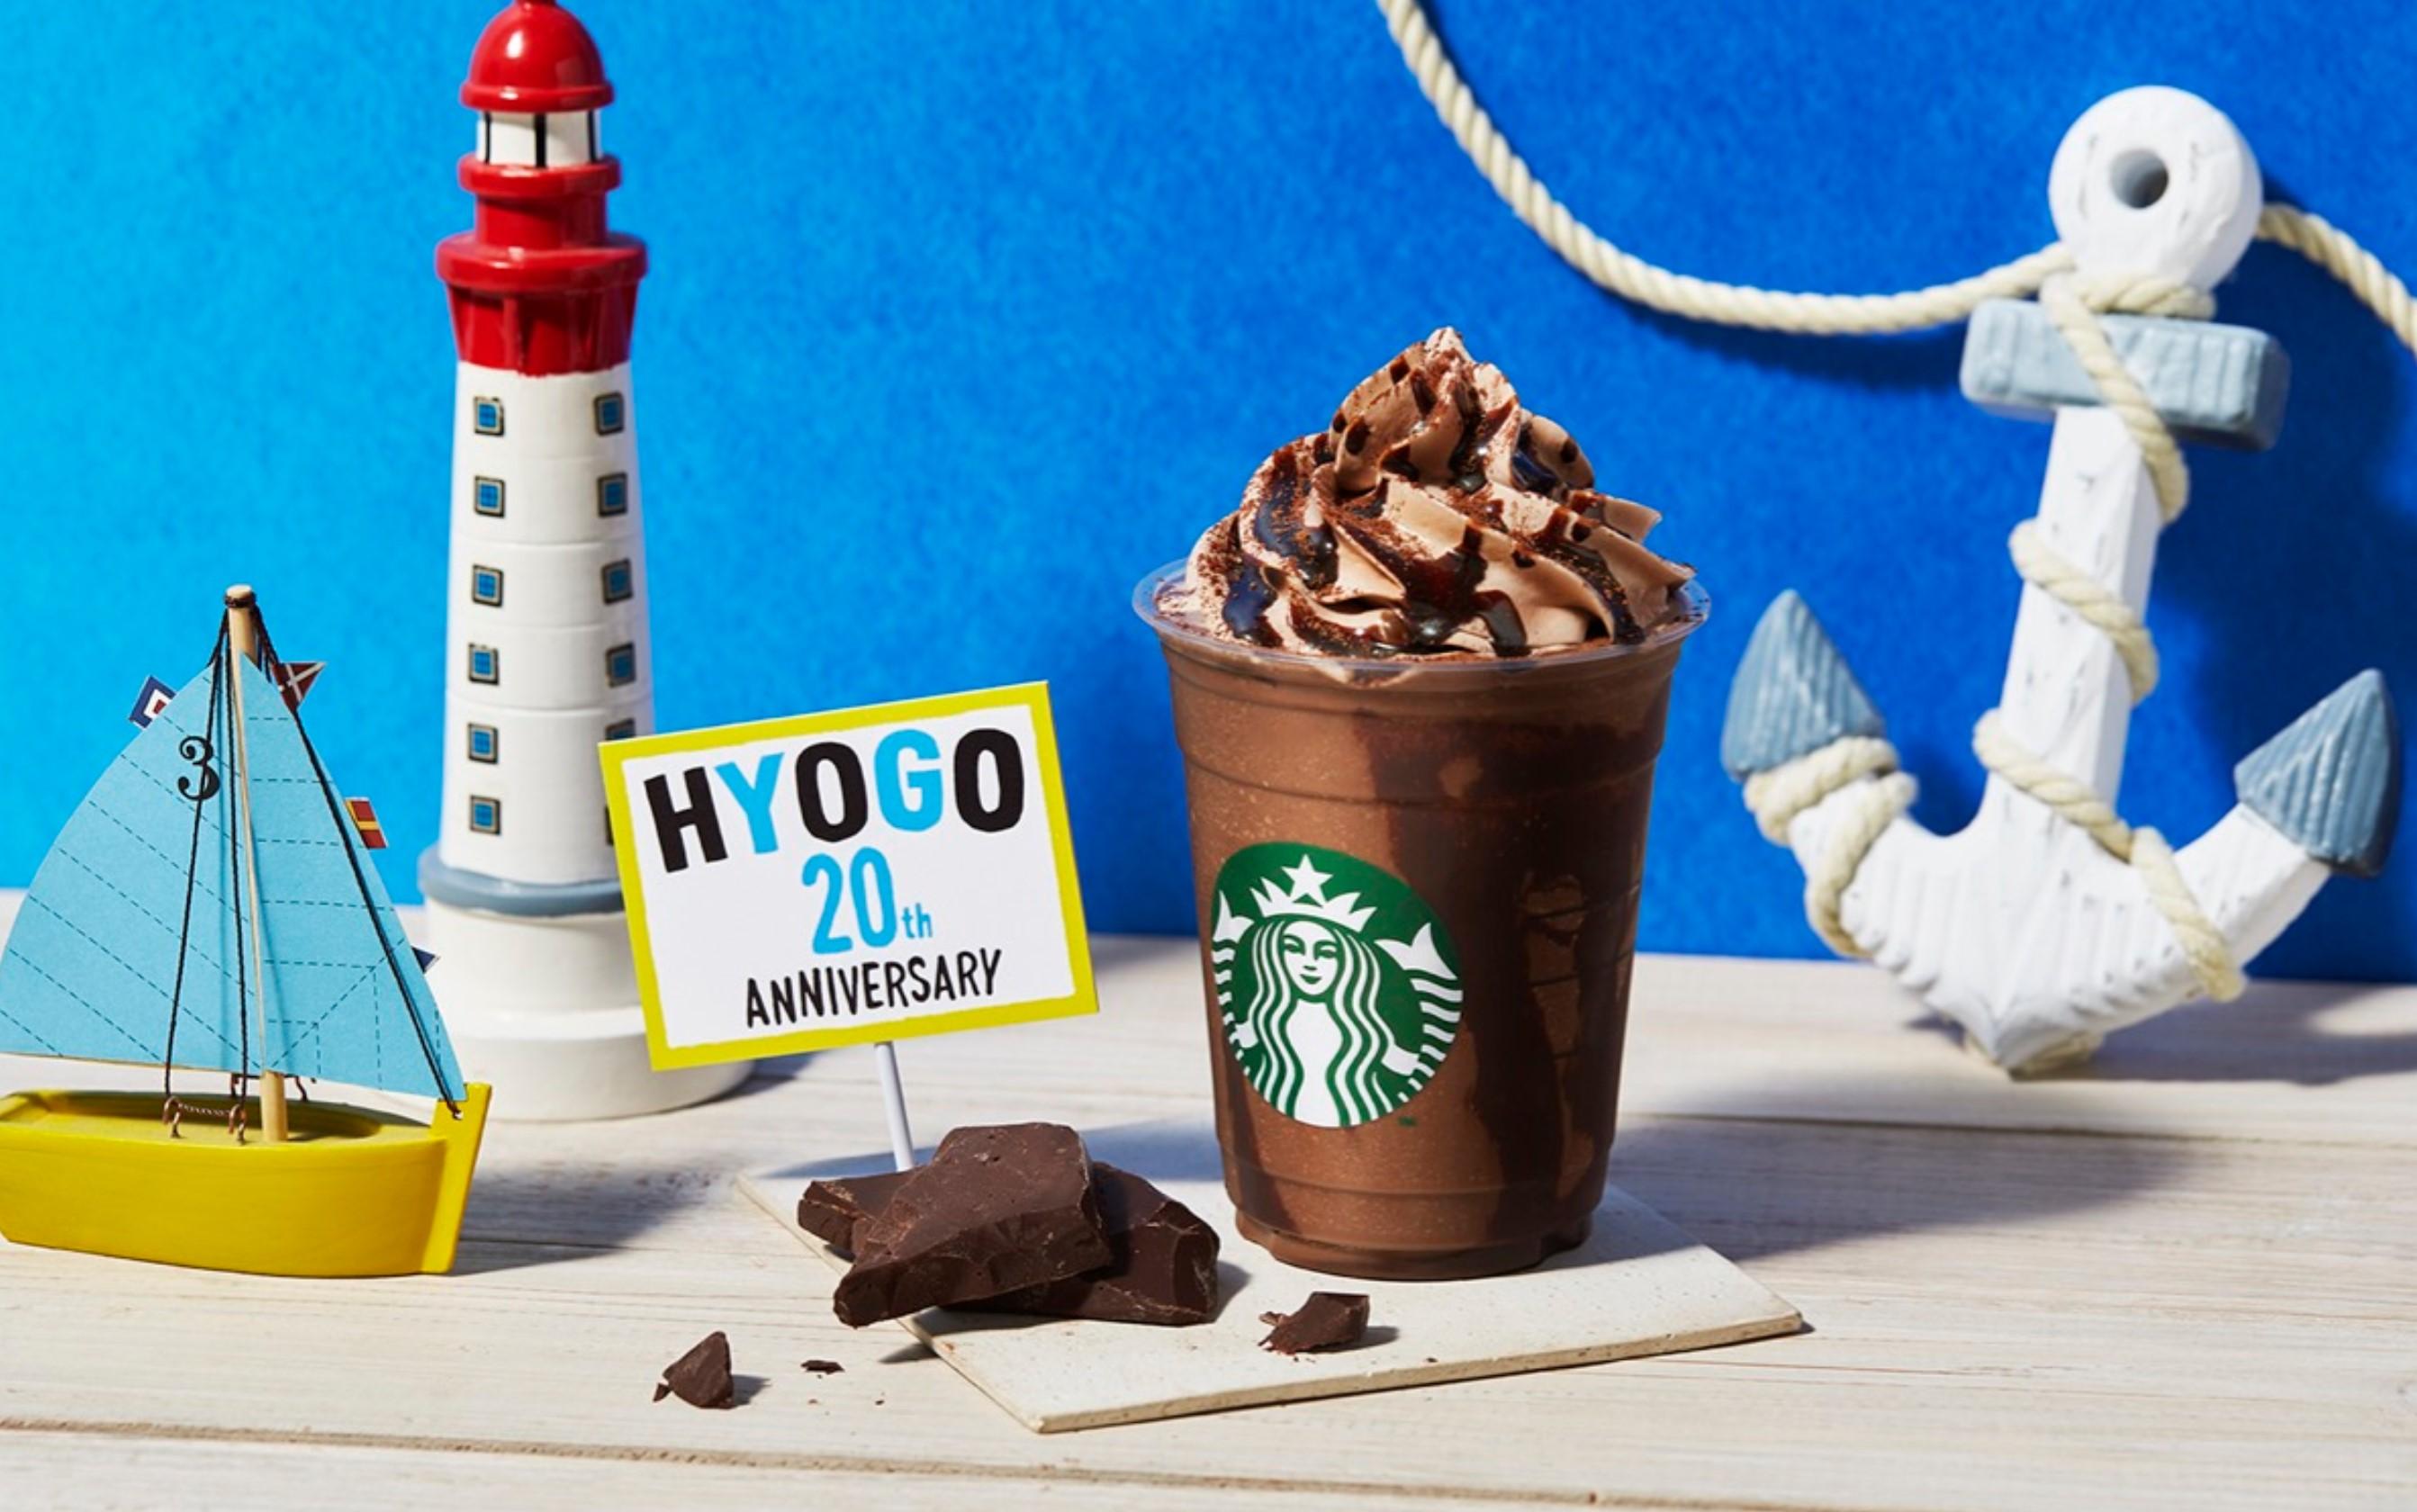 スタバ兵庫限定ばりチョコはいっとうフラペチーノの感想は甘くて美味しい?口コミ・評判と期間調査!